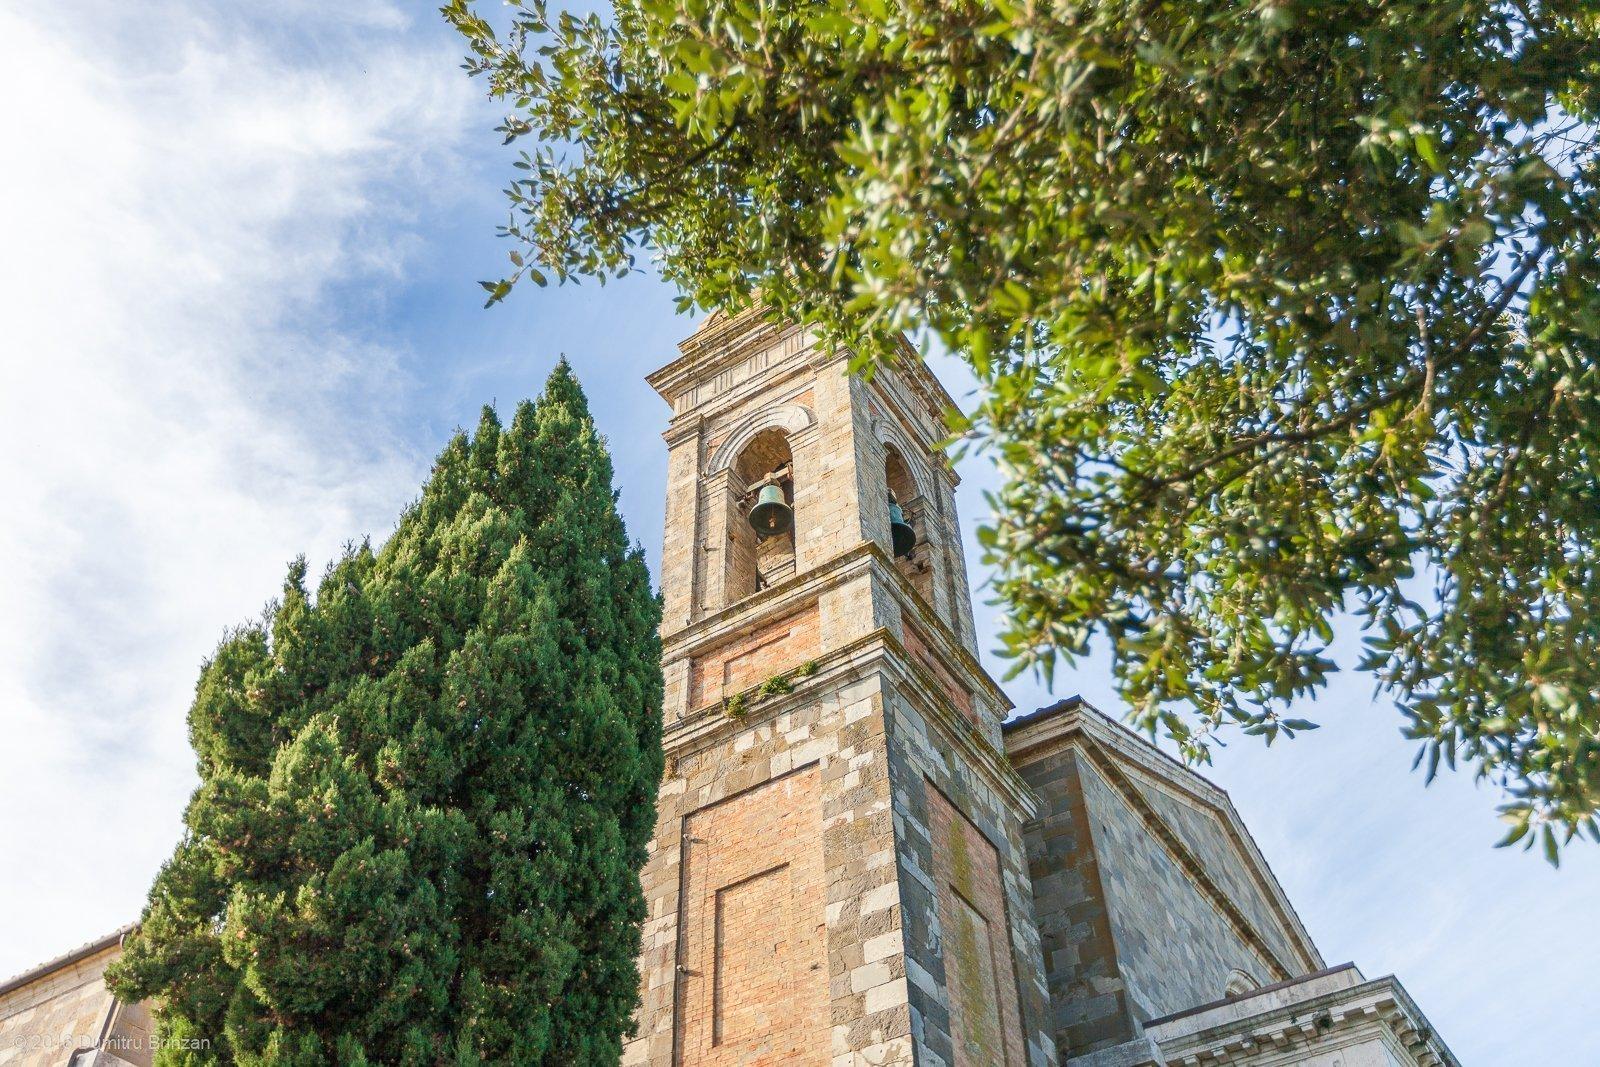 2016-montalcino-tuscany-italy-10-cattedrale-del-santissimo-salvatore